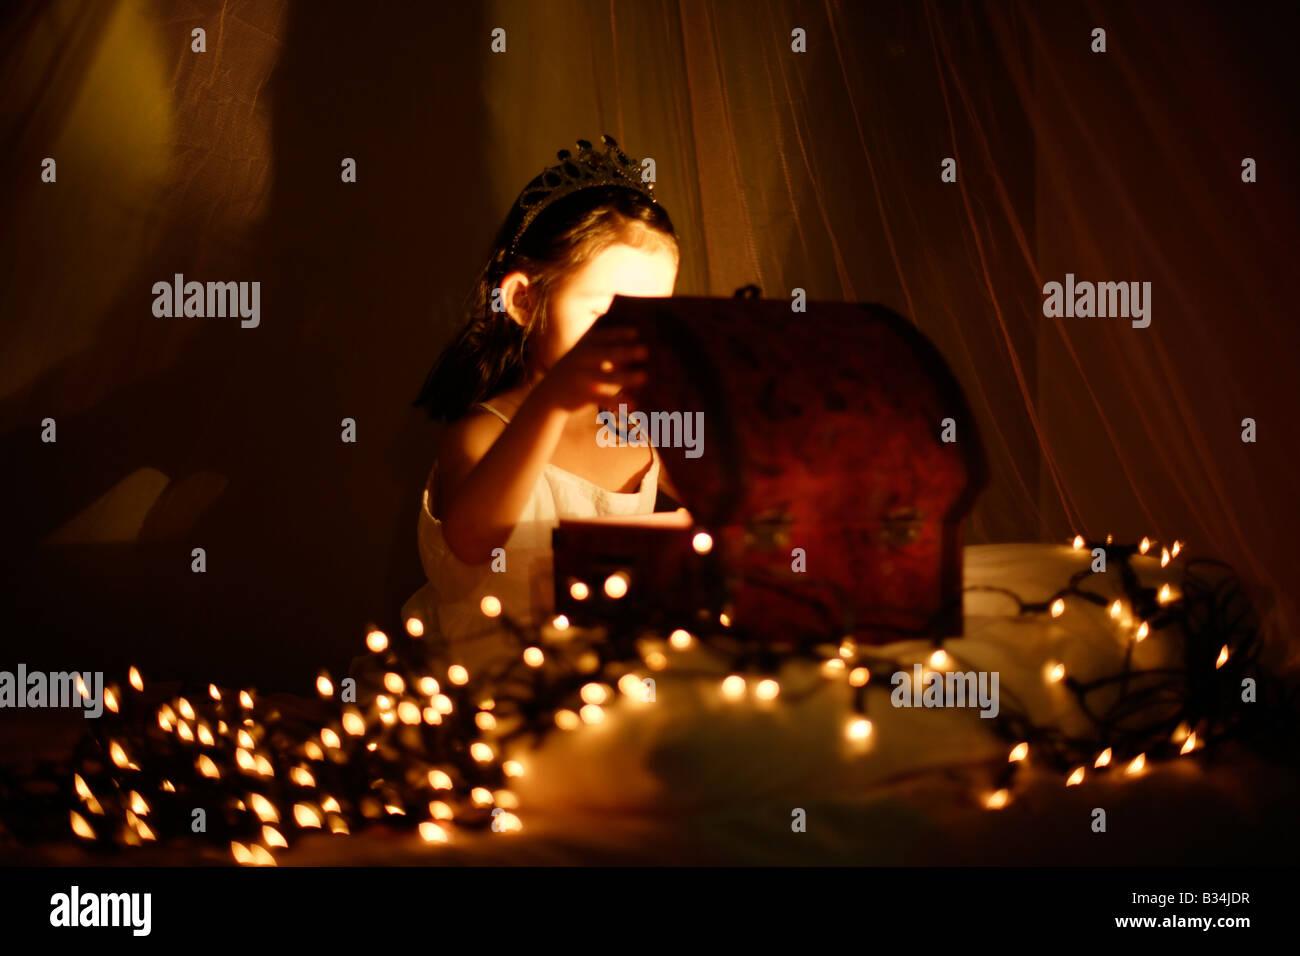 Der magische Schatz Brust fünf Jahre altes Mädchen sitzt auf dem Bett mit Baldachin und öffnet sich Stockbild